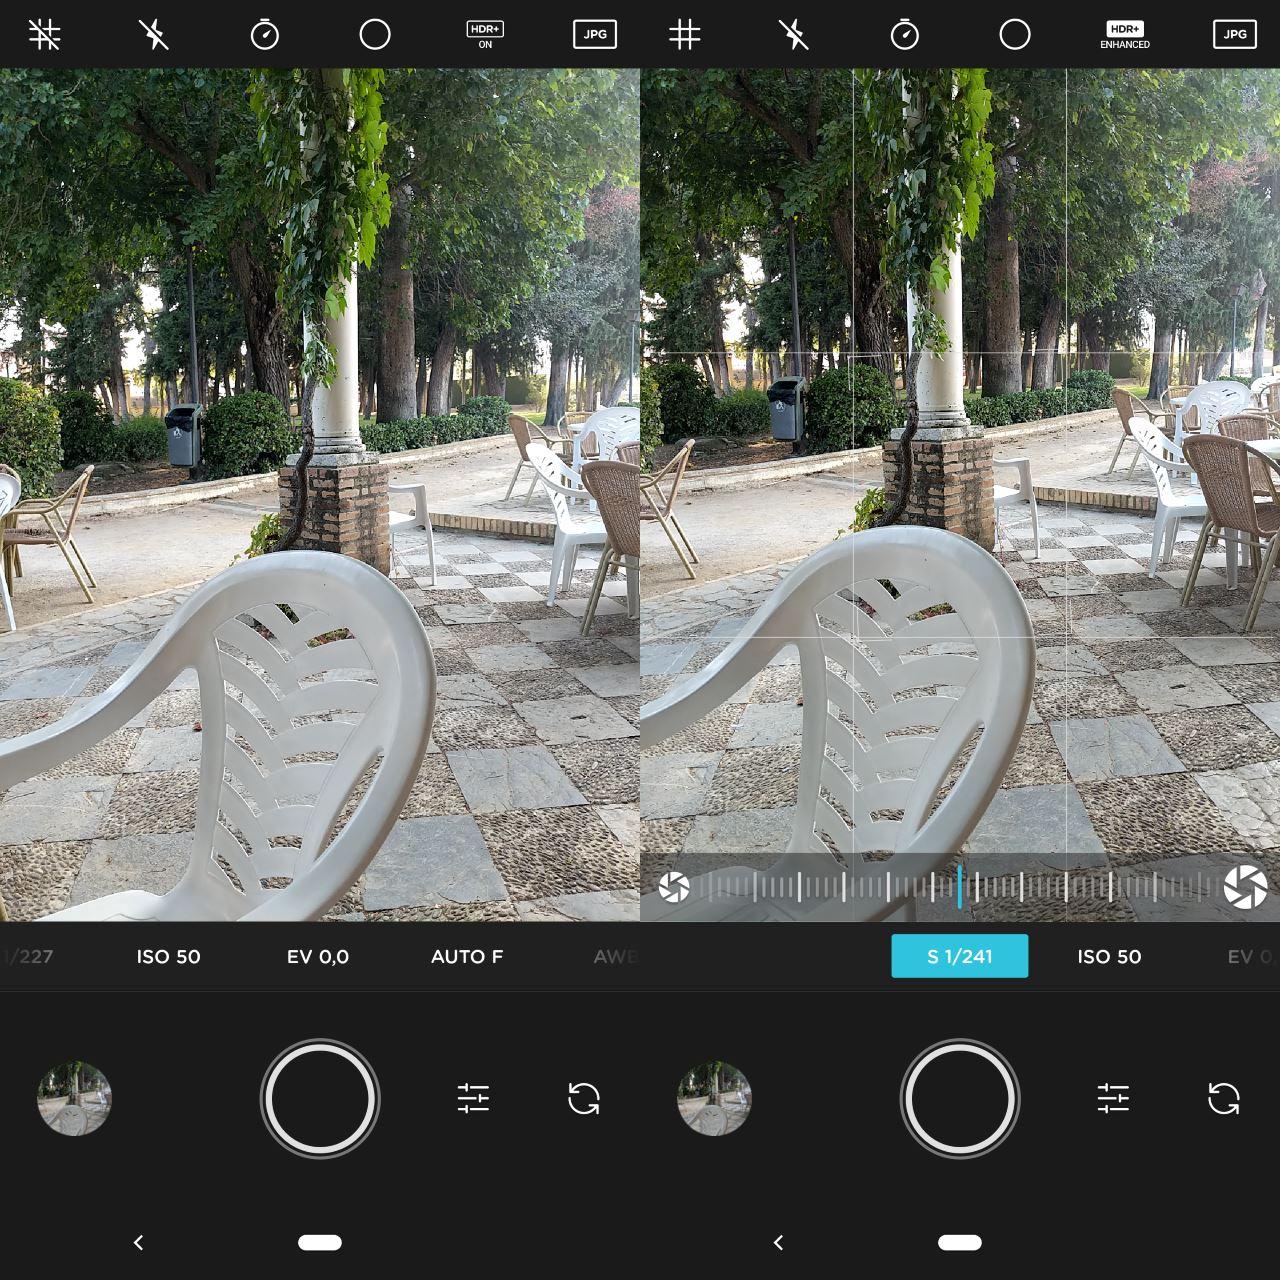 Google kamera nihayet manuel kontrolleri alabilirdi 2